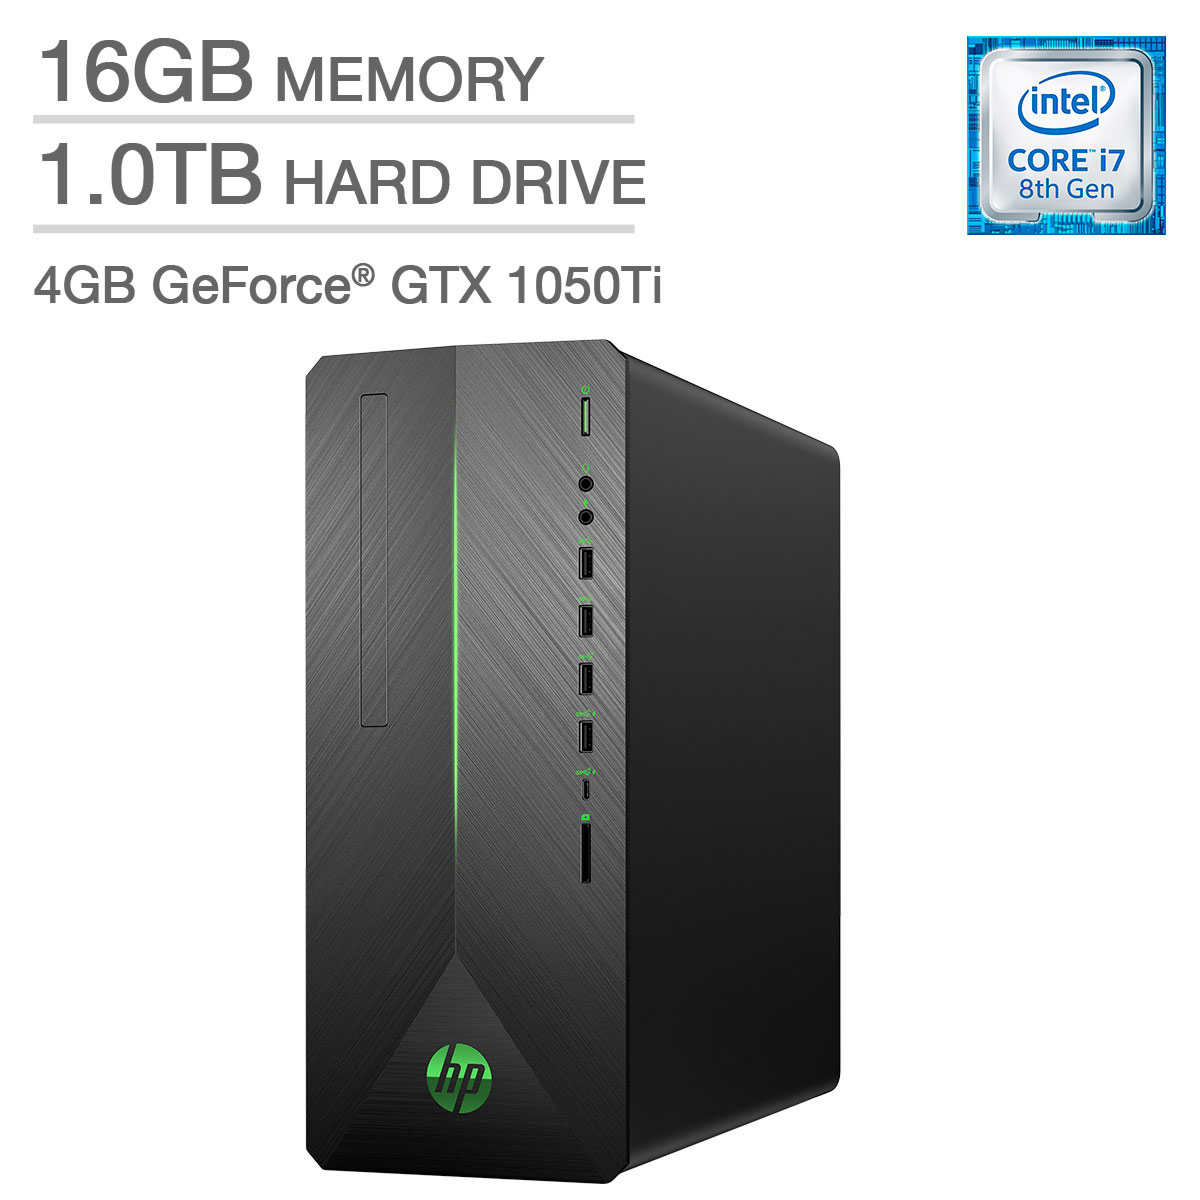 HP Pavilion Gaming Desktop - Intel Core i7 - GeForce GTX 1050 Ti